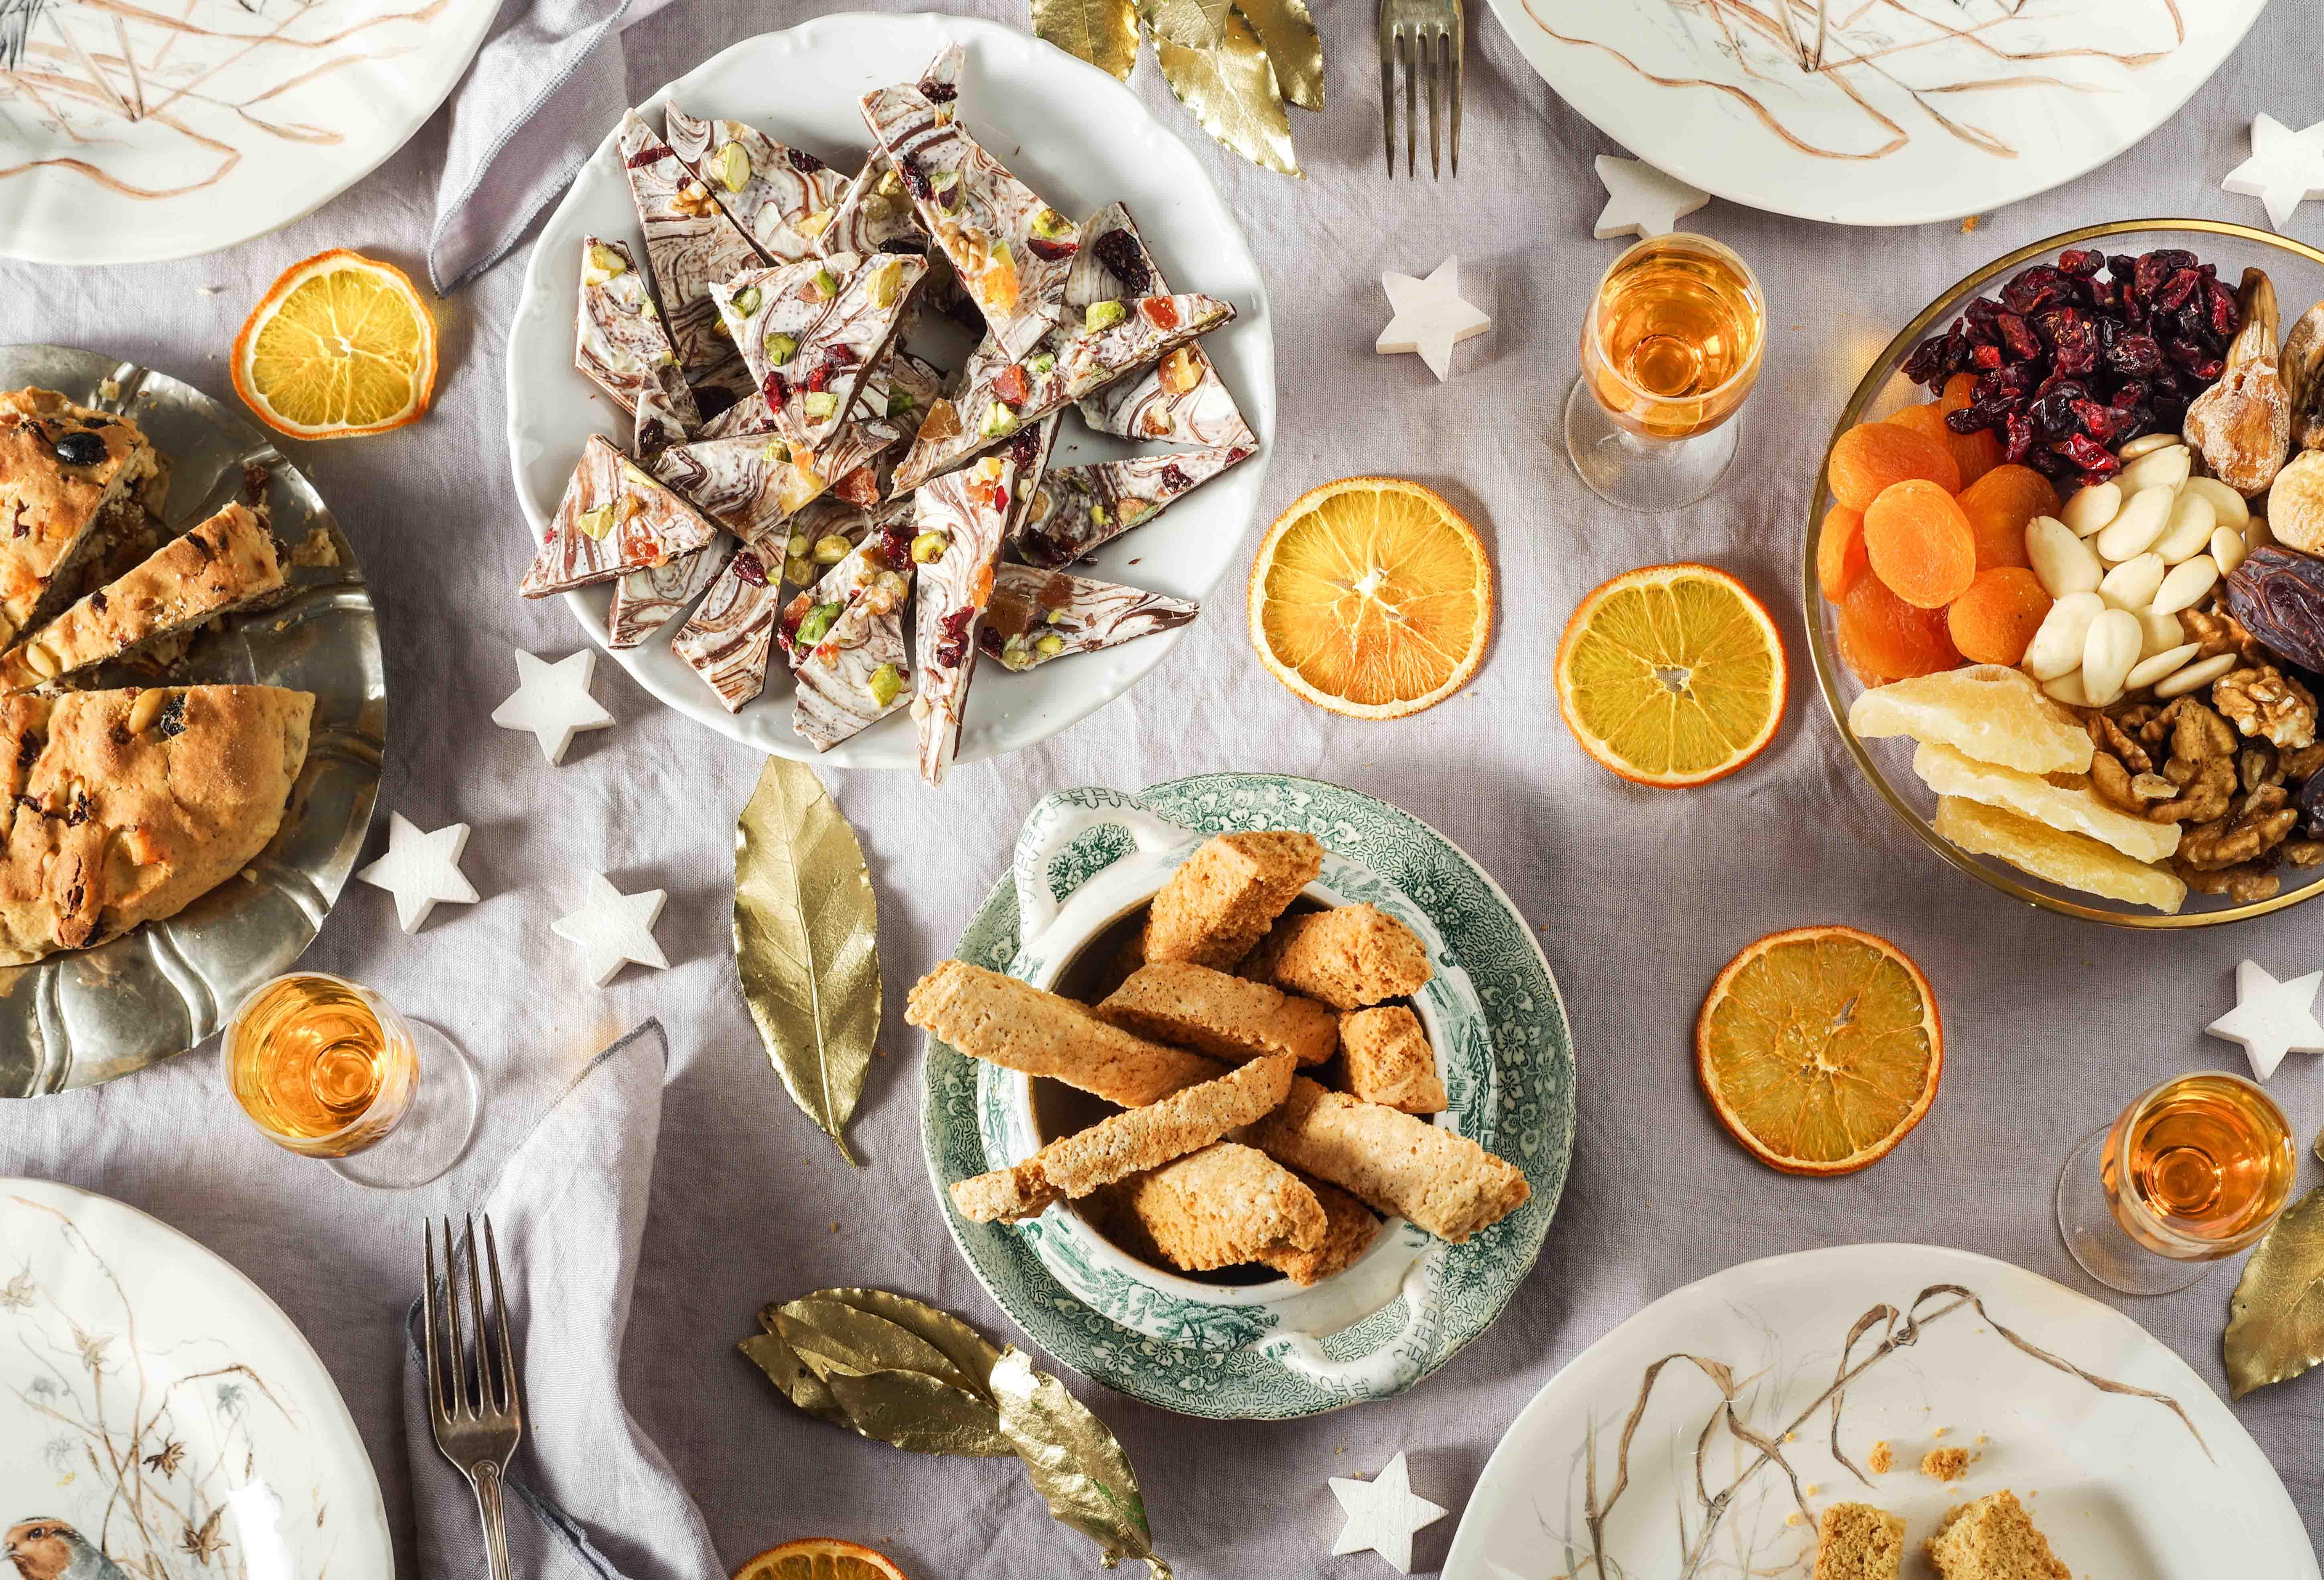 Pranzo Per Marito : Cosa cucina marco bianchi per gli amici